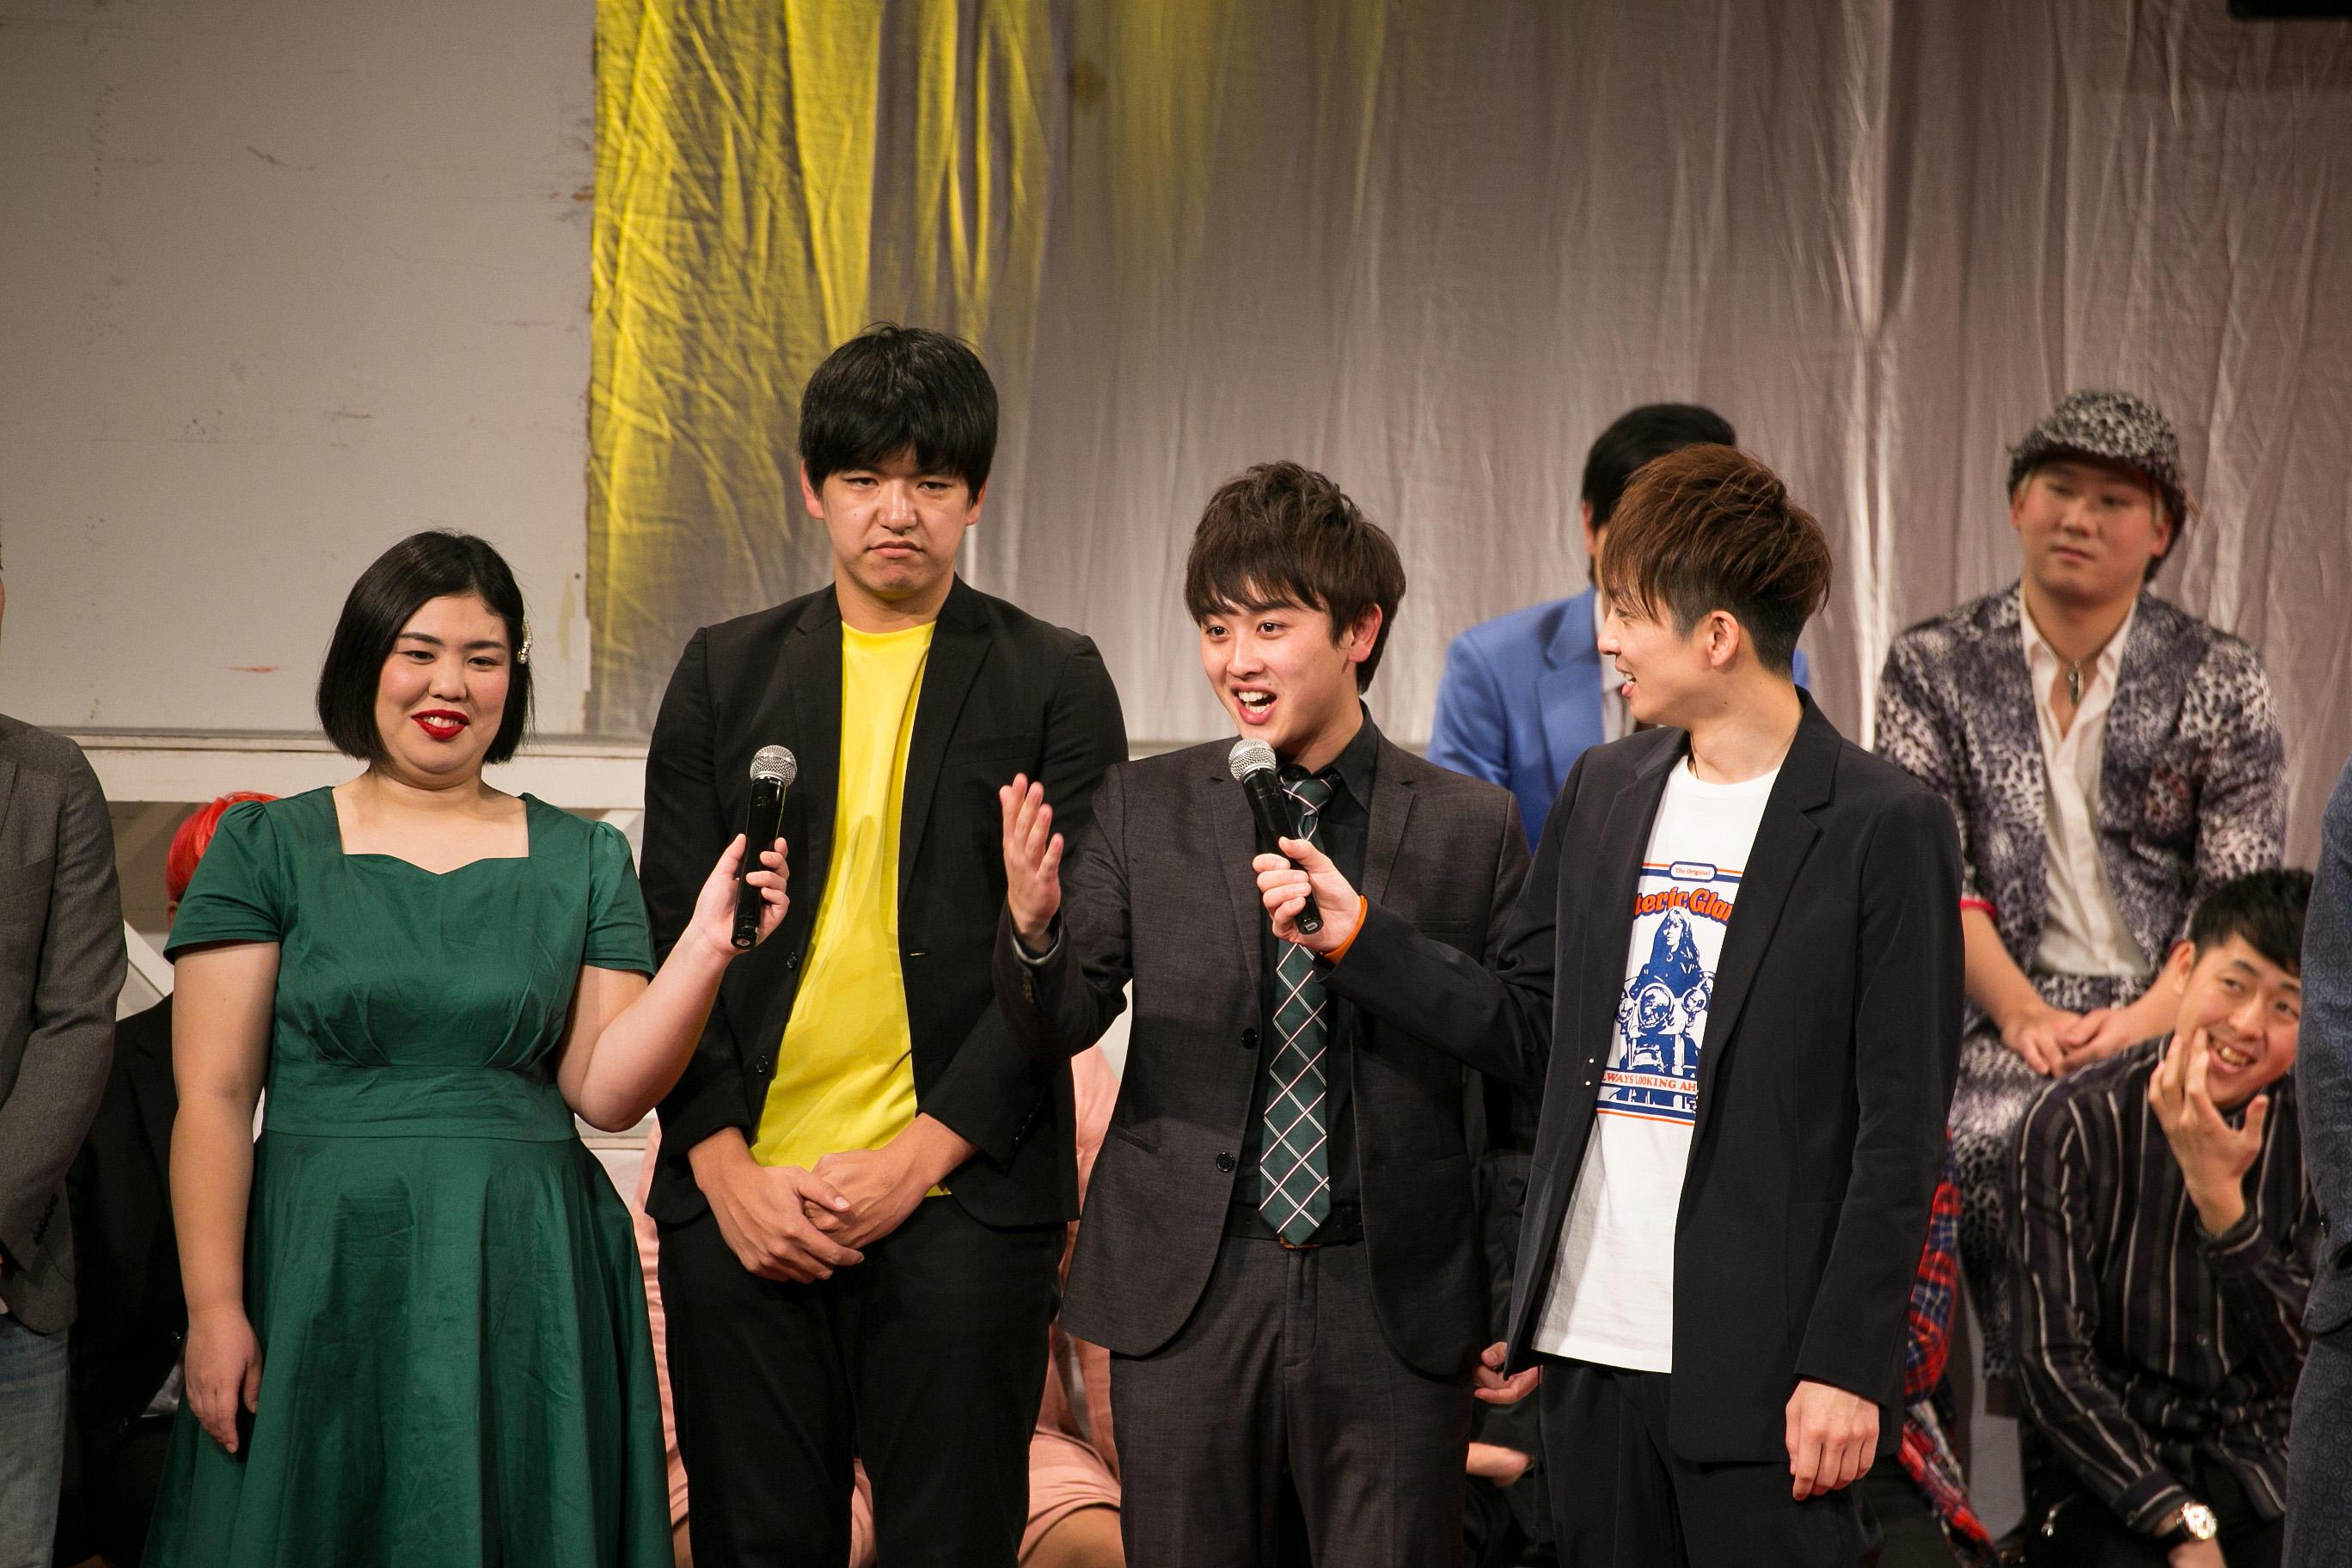 http://news.yoshimoto.co.jp/20181228111432-f7b0cb51304aa4971e0f70d8d39fd5890990ef46.jpg